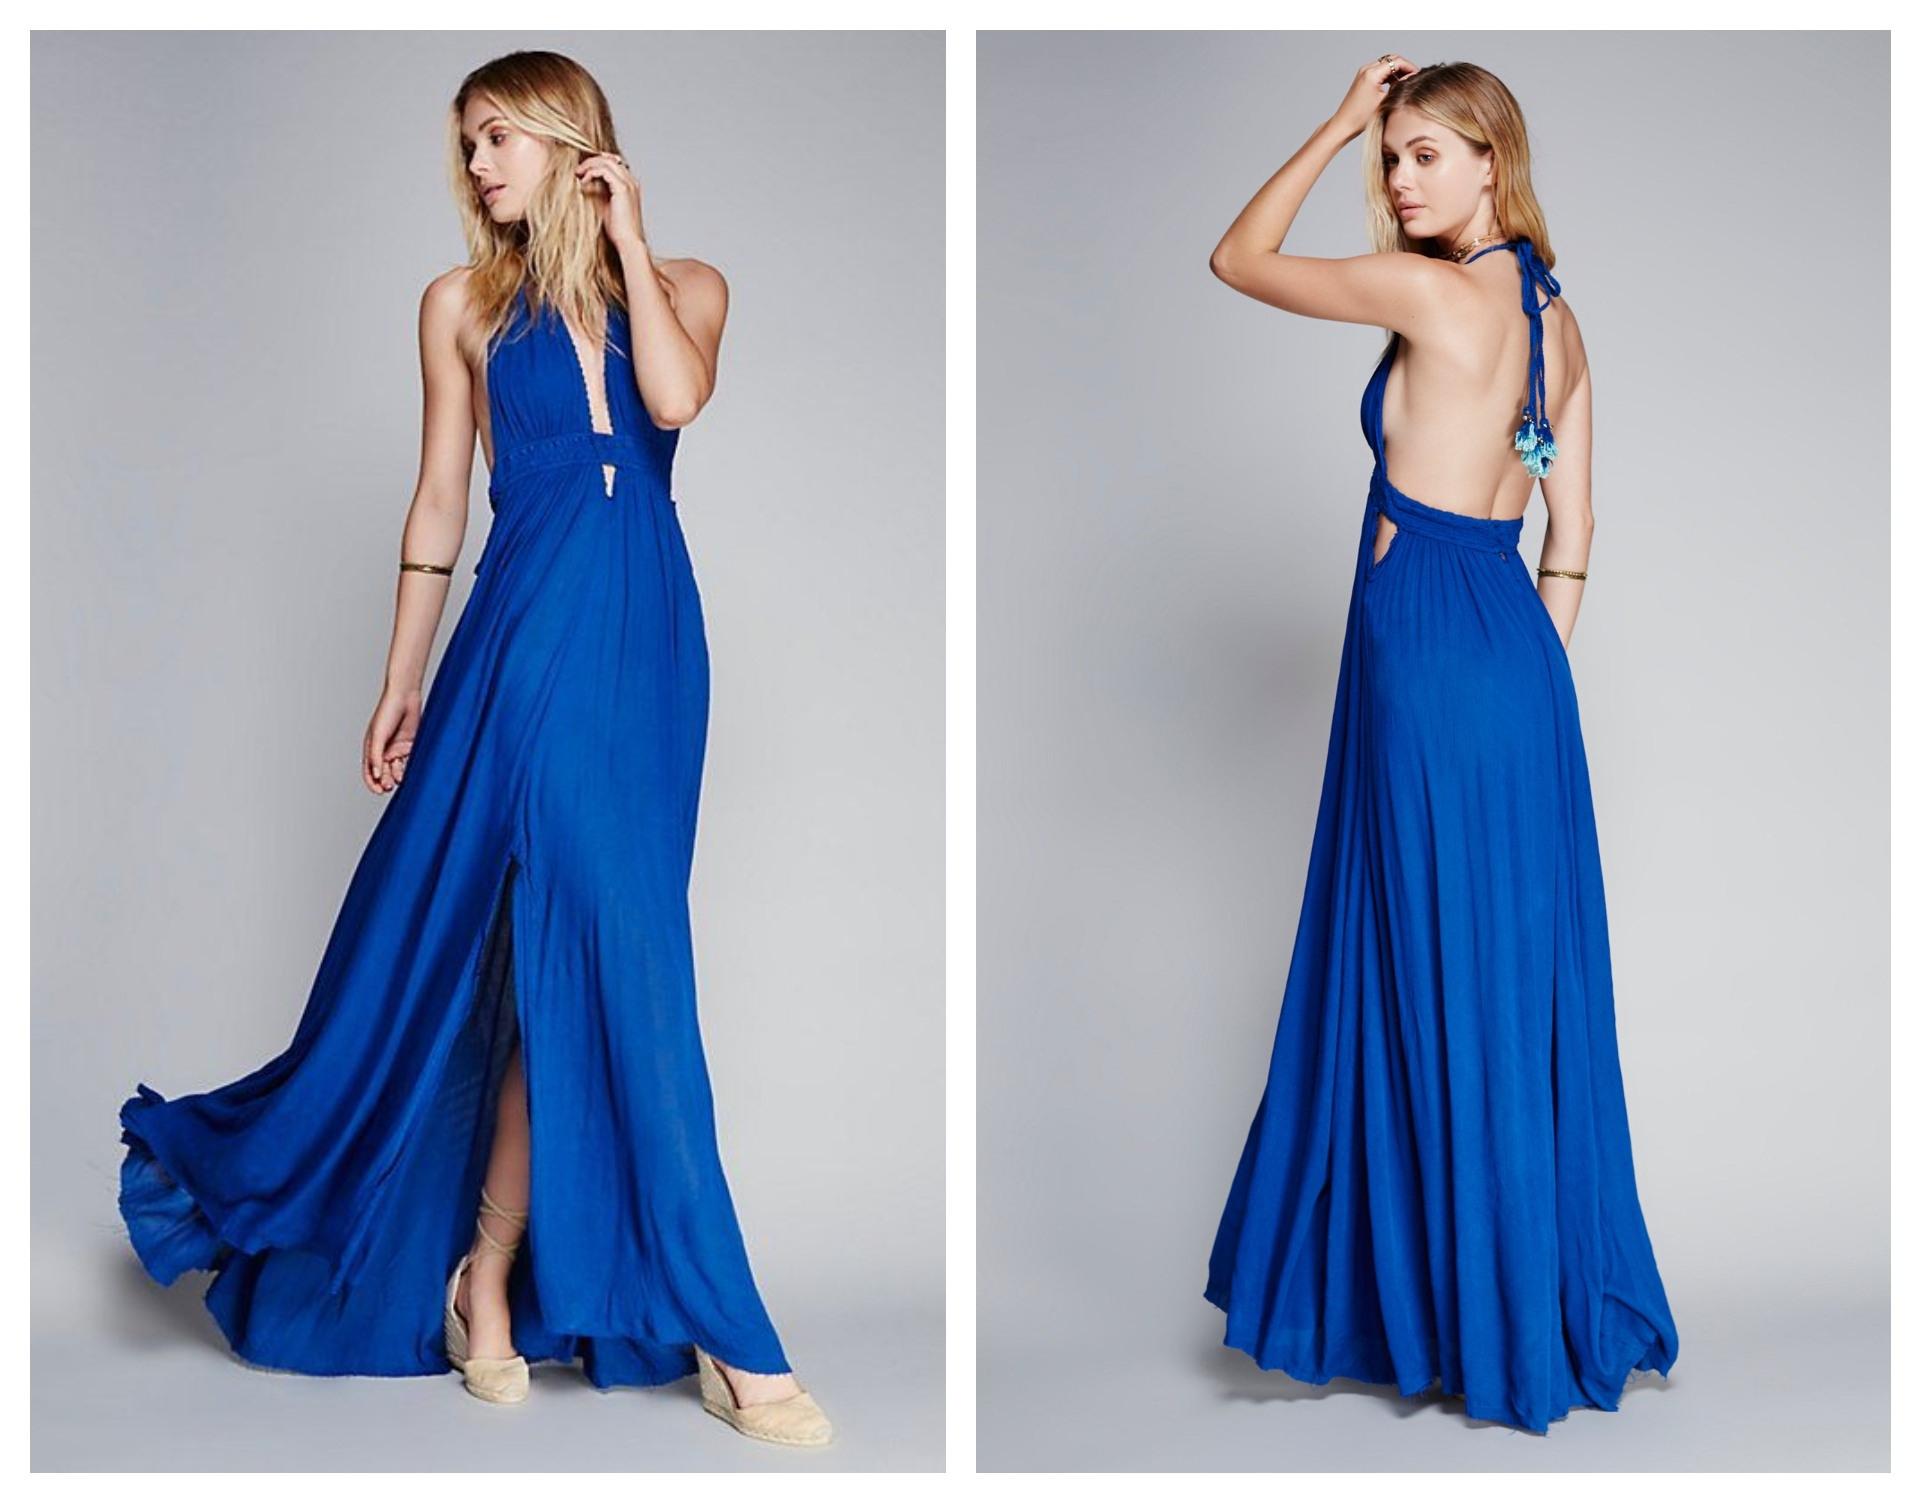 Abend Fantastisch Langes Blaues Kleid für 2019Abend Kreativ Langes Blaues Kleid Spezialgebiet